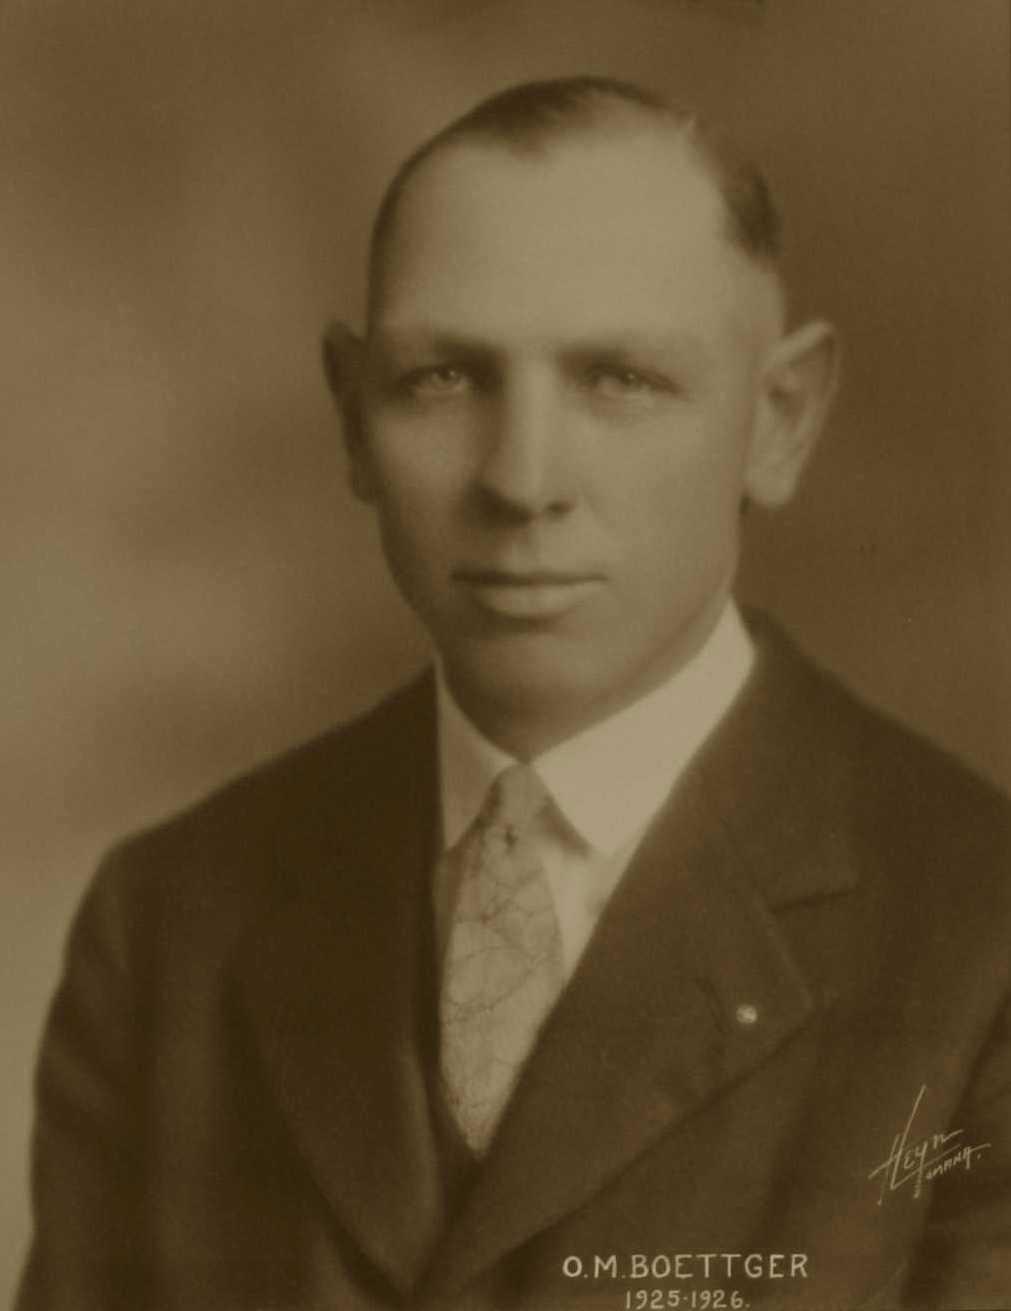 O. M. Boettger, 1925-1926